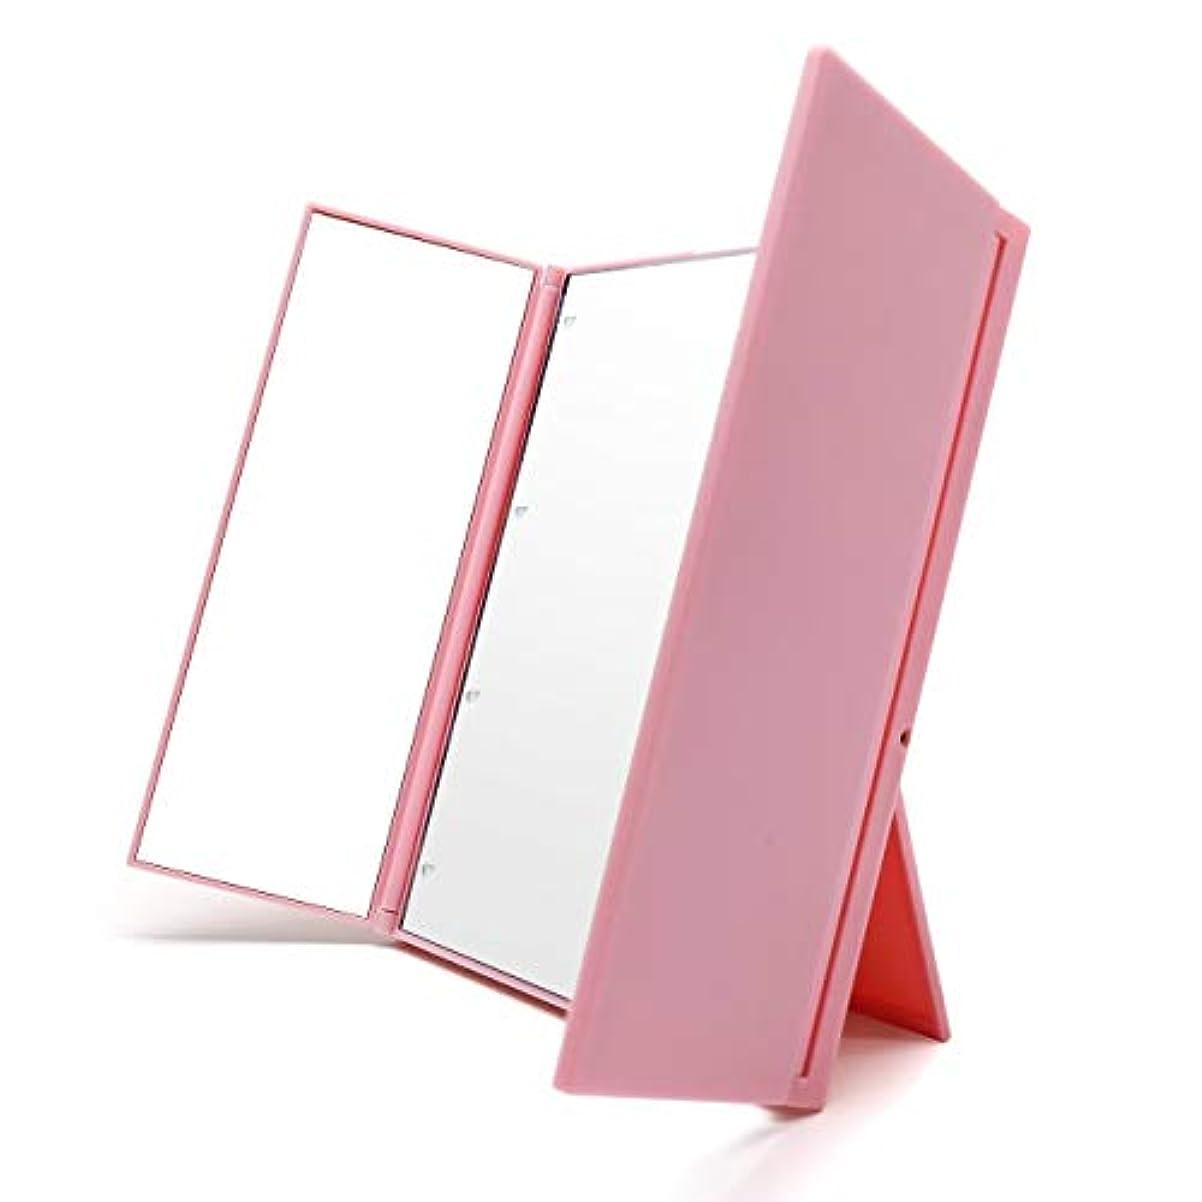 アルミニウム薄いです反動Vidgoo 鏡 卓上 スタンドミラー LED 化粧鏡 三面鏡 女優ミラー 折り畳み式 電池型 携帯便利(ピンク)